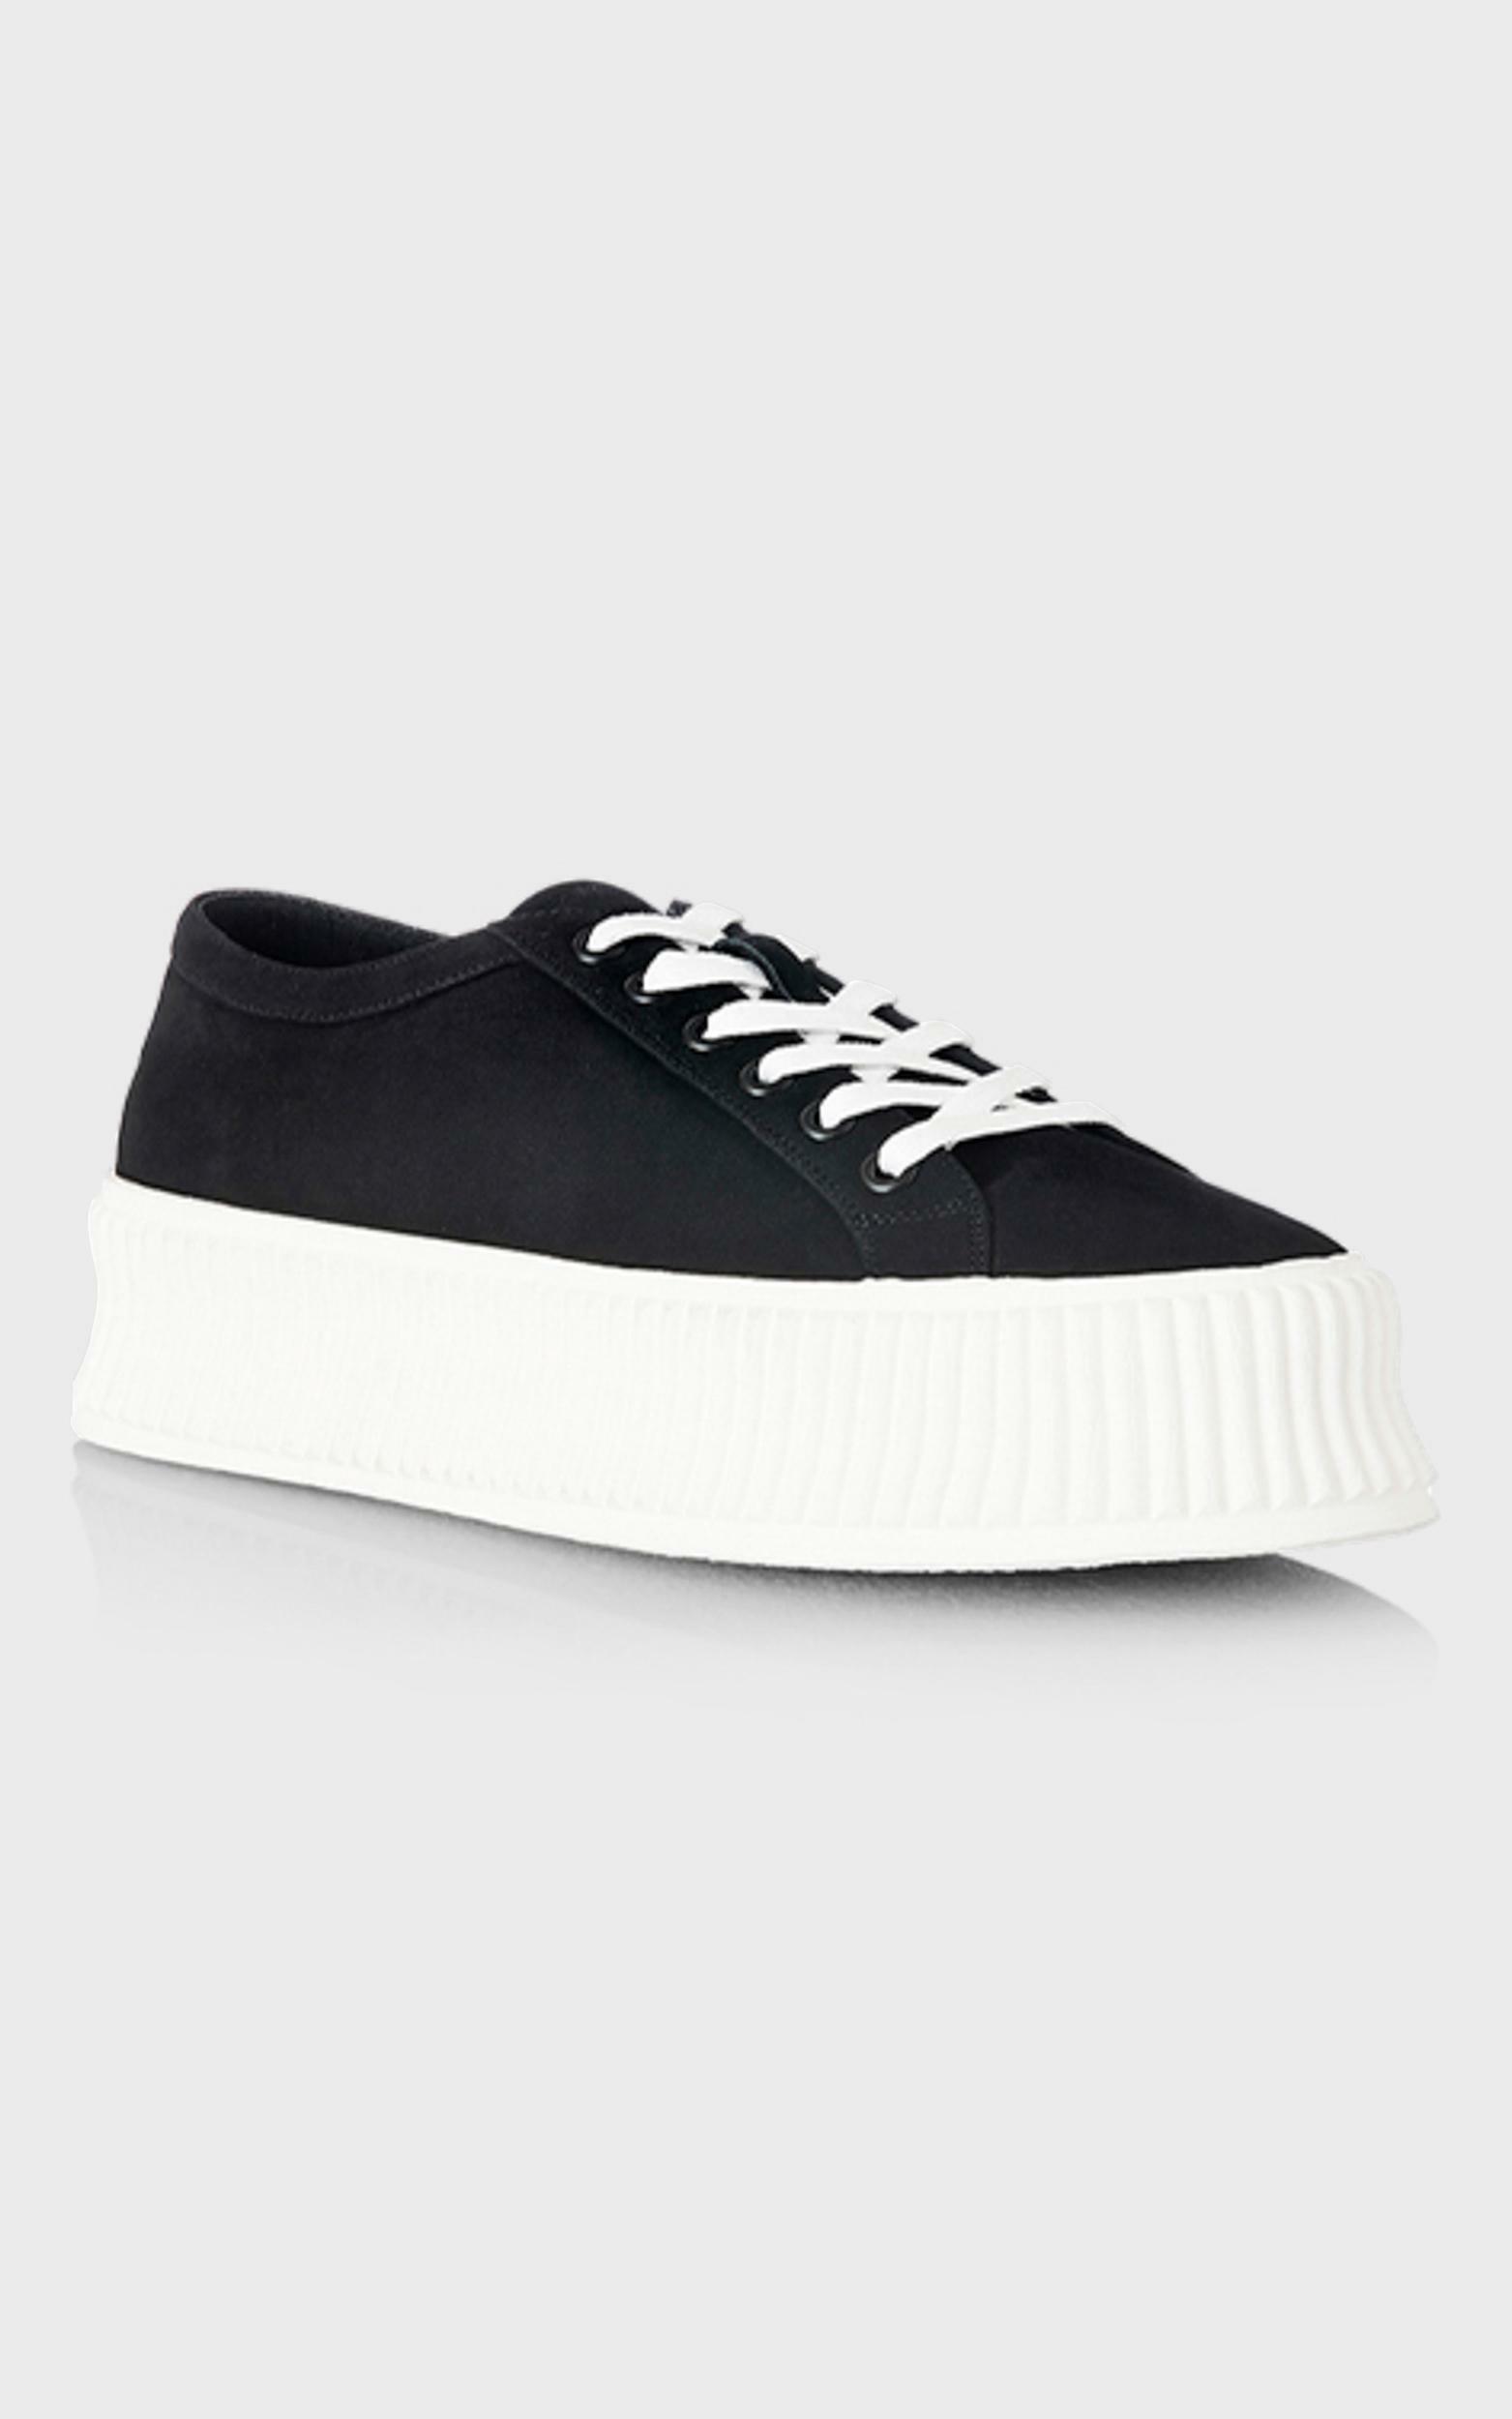 Alias Mae - Adelaide Sneakers in Black Nubuck - 5.5, Black, hi-res image number null